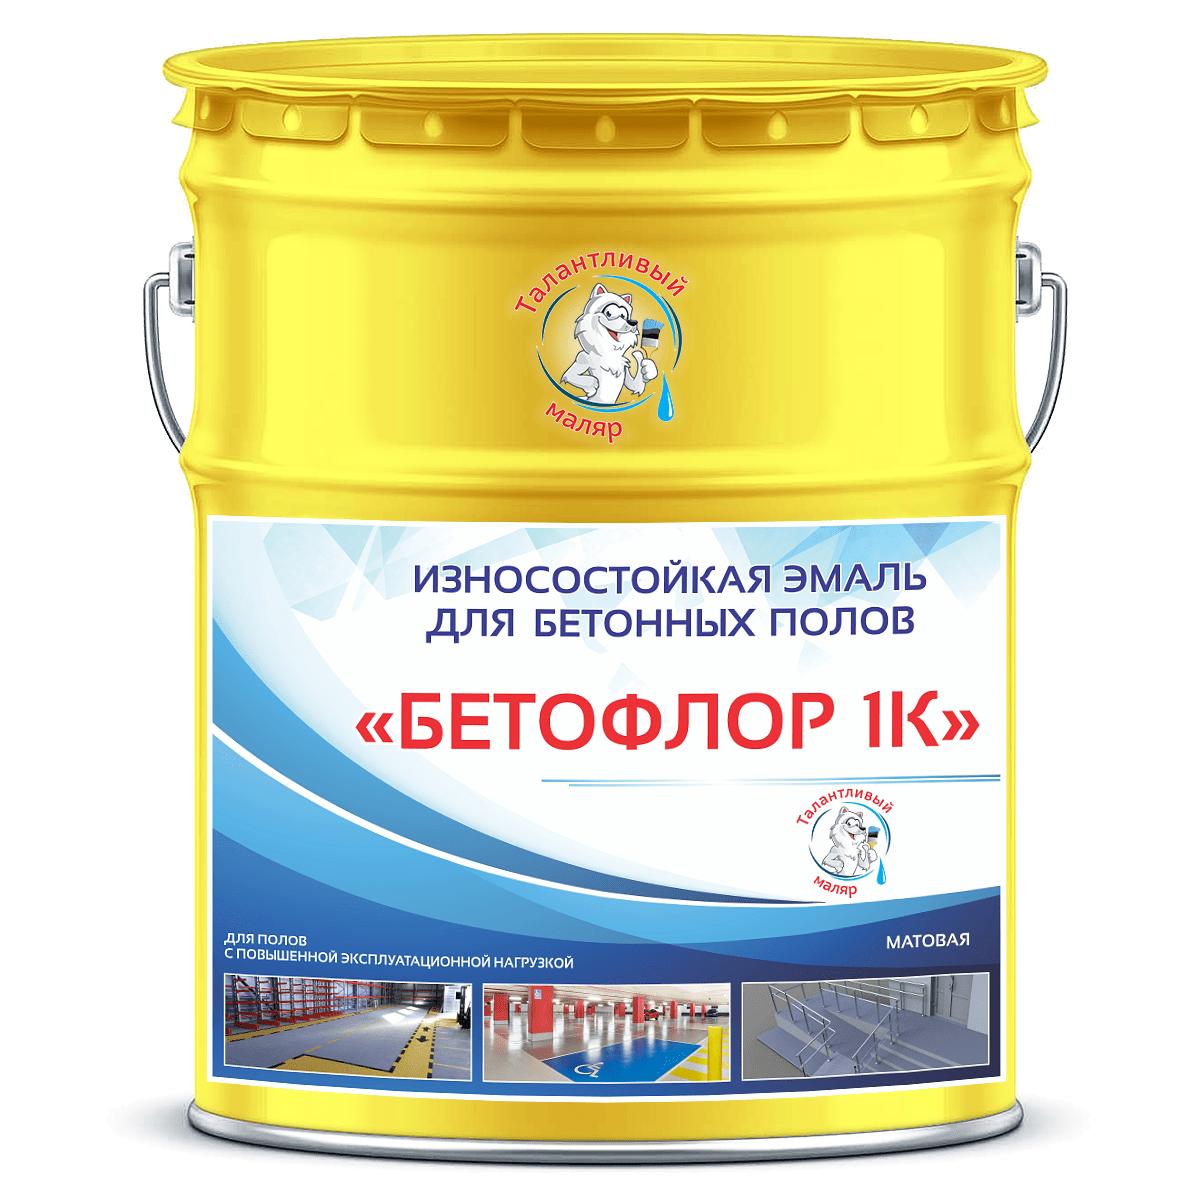 """Фото 16 - BF1018 Эмаль для бетонных полов """"Бетофлор"""" 1К цвет RAL 1018 Цинково-жёлтый, матовая износостойкая, 25 кг """"Талантливый Маляр""""."""